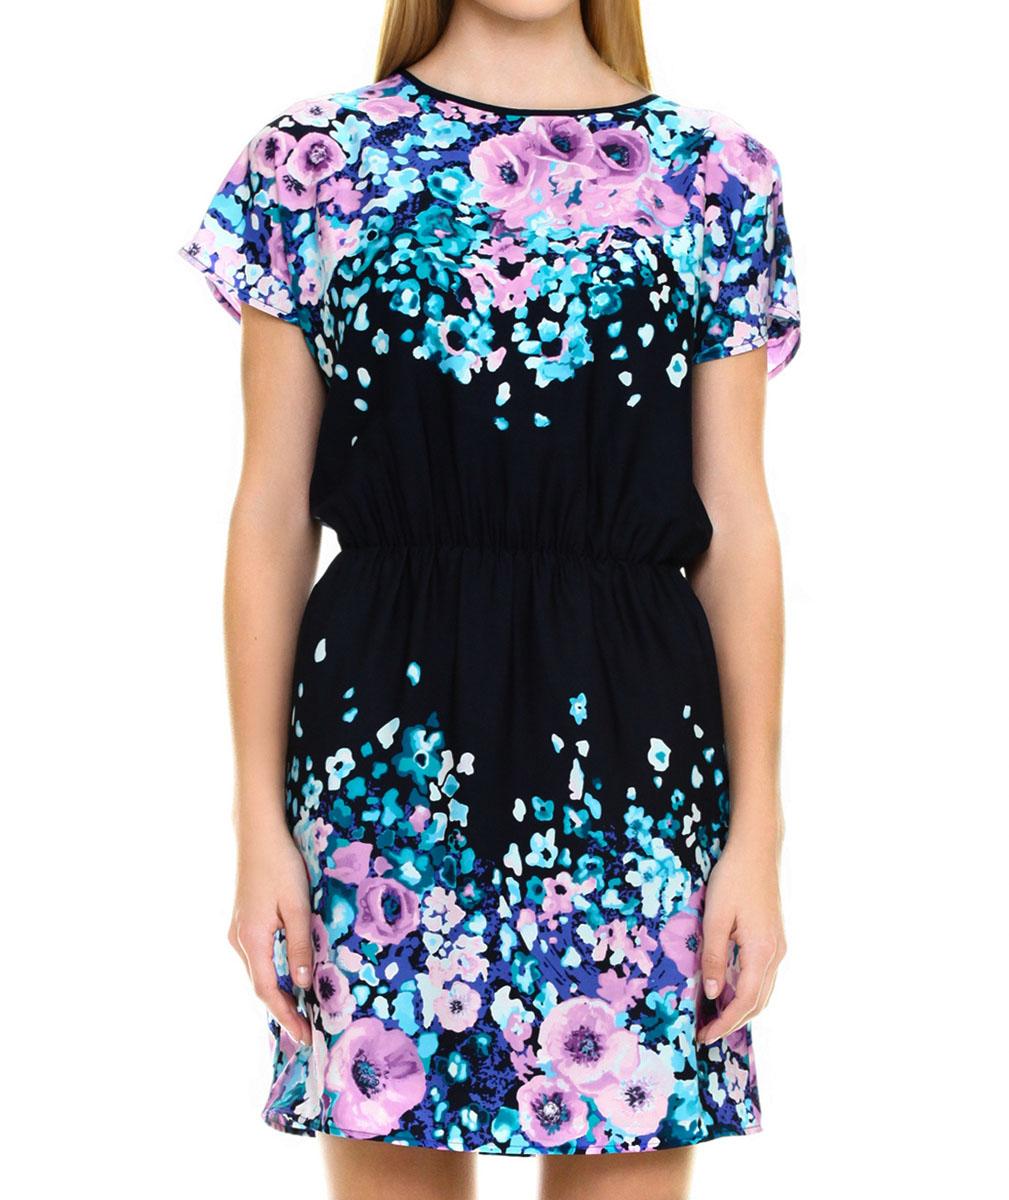 Платье. B455026B455026 LILAC PRINTEDСтильное платье Baon с цветочным принтом - прекрасный вариант для праздника и для повседневной носки. Изделие выполнено из полиэстера с шелковистой фактурой. Модель с круглым вырезом горловины и короткими рукавами, сзади застегивается на потайную молнию и крючок. Плате приталенного силуэта подчеркнет вашу женственность. Модель дополнена двумя втачными карманами. В таком наряде вы, безусловно, привлечете восхищенные взгляды окружающих.